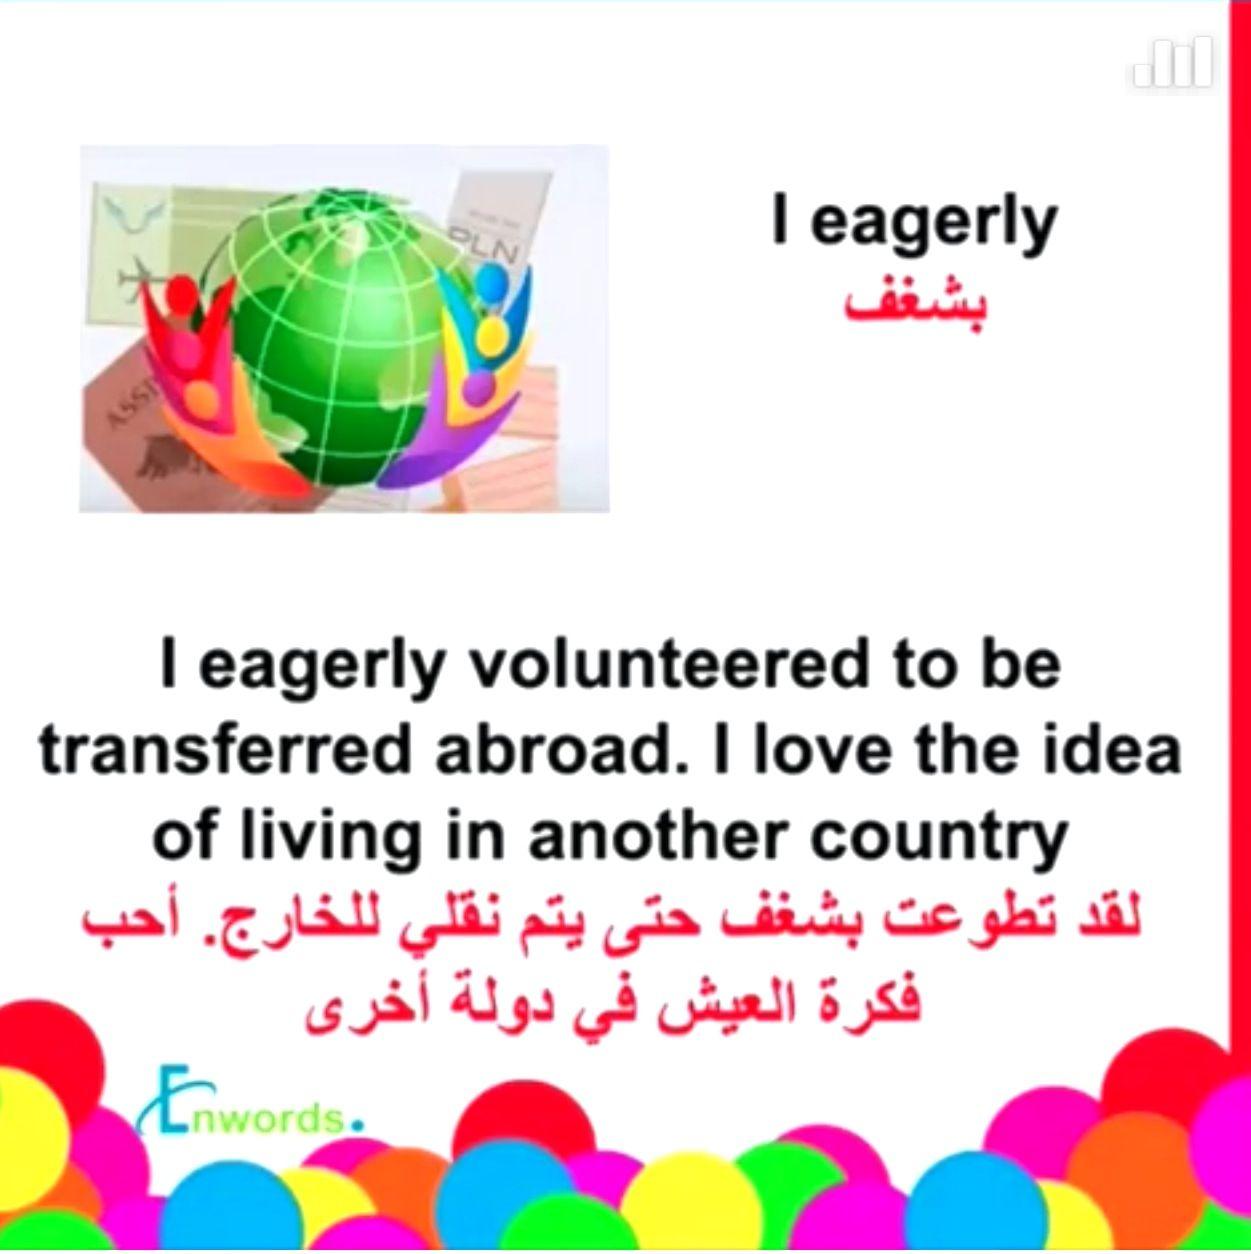 تعلم كلمات اللغة الانجليزية معناenwords English Prepositions English Language Learning Learning Arabic